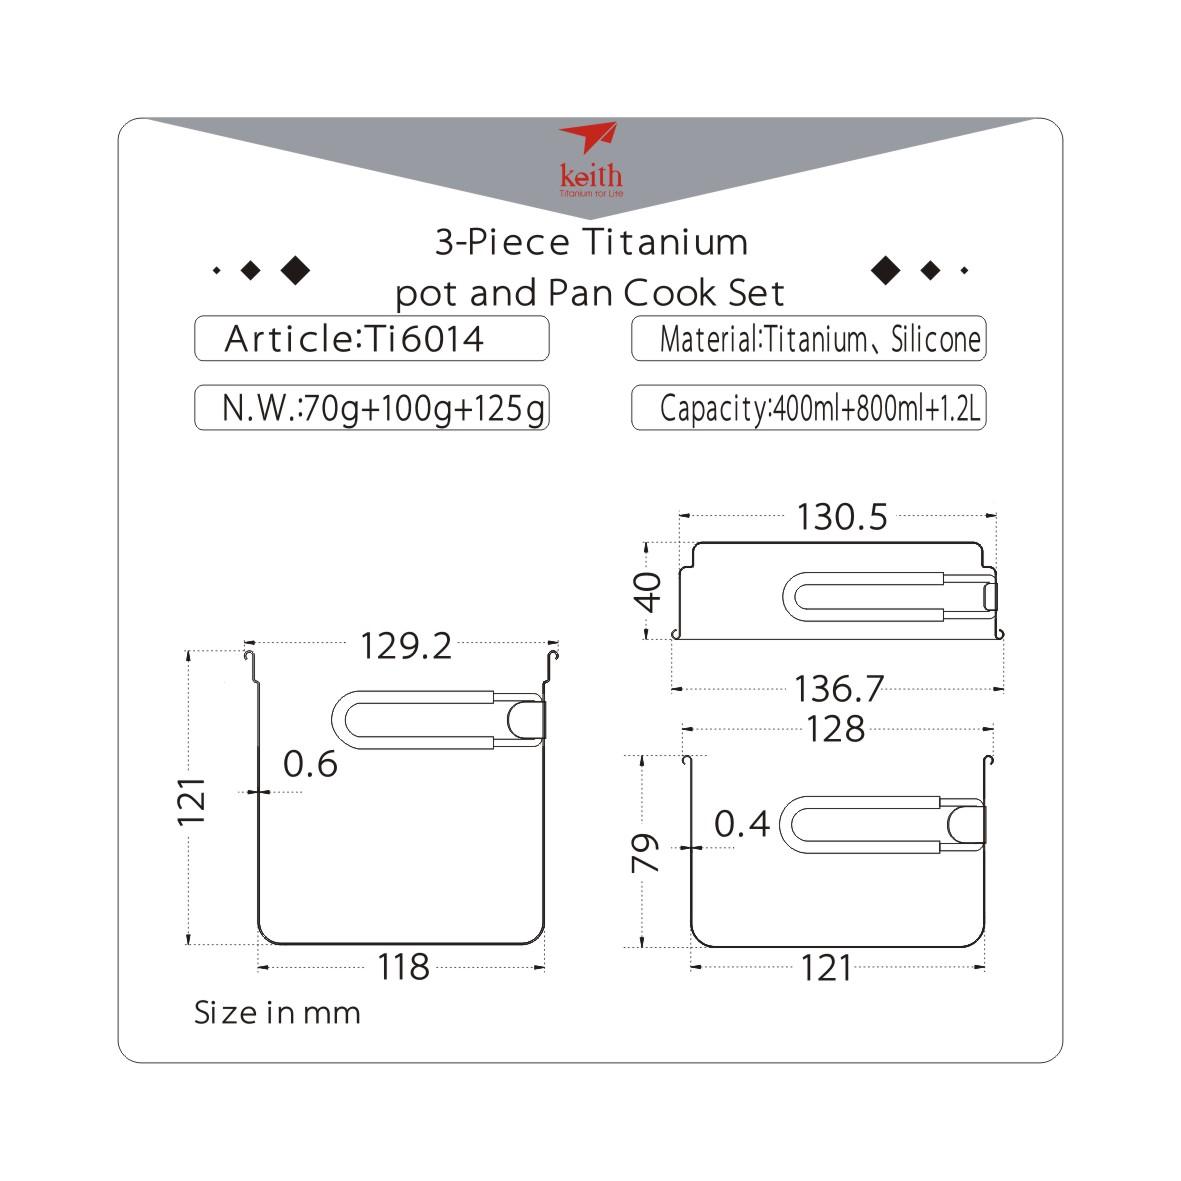 KEITH TI6014 – Bộ Nồi Titanium 3 Món